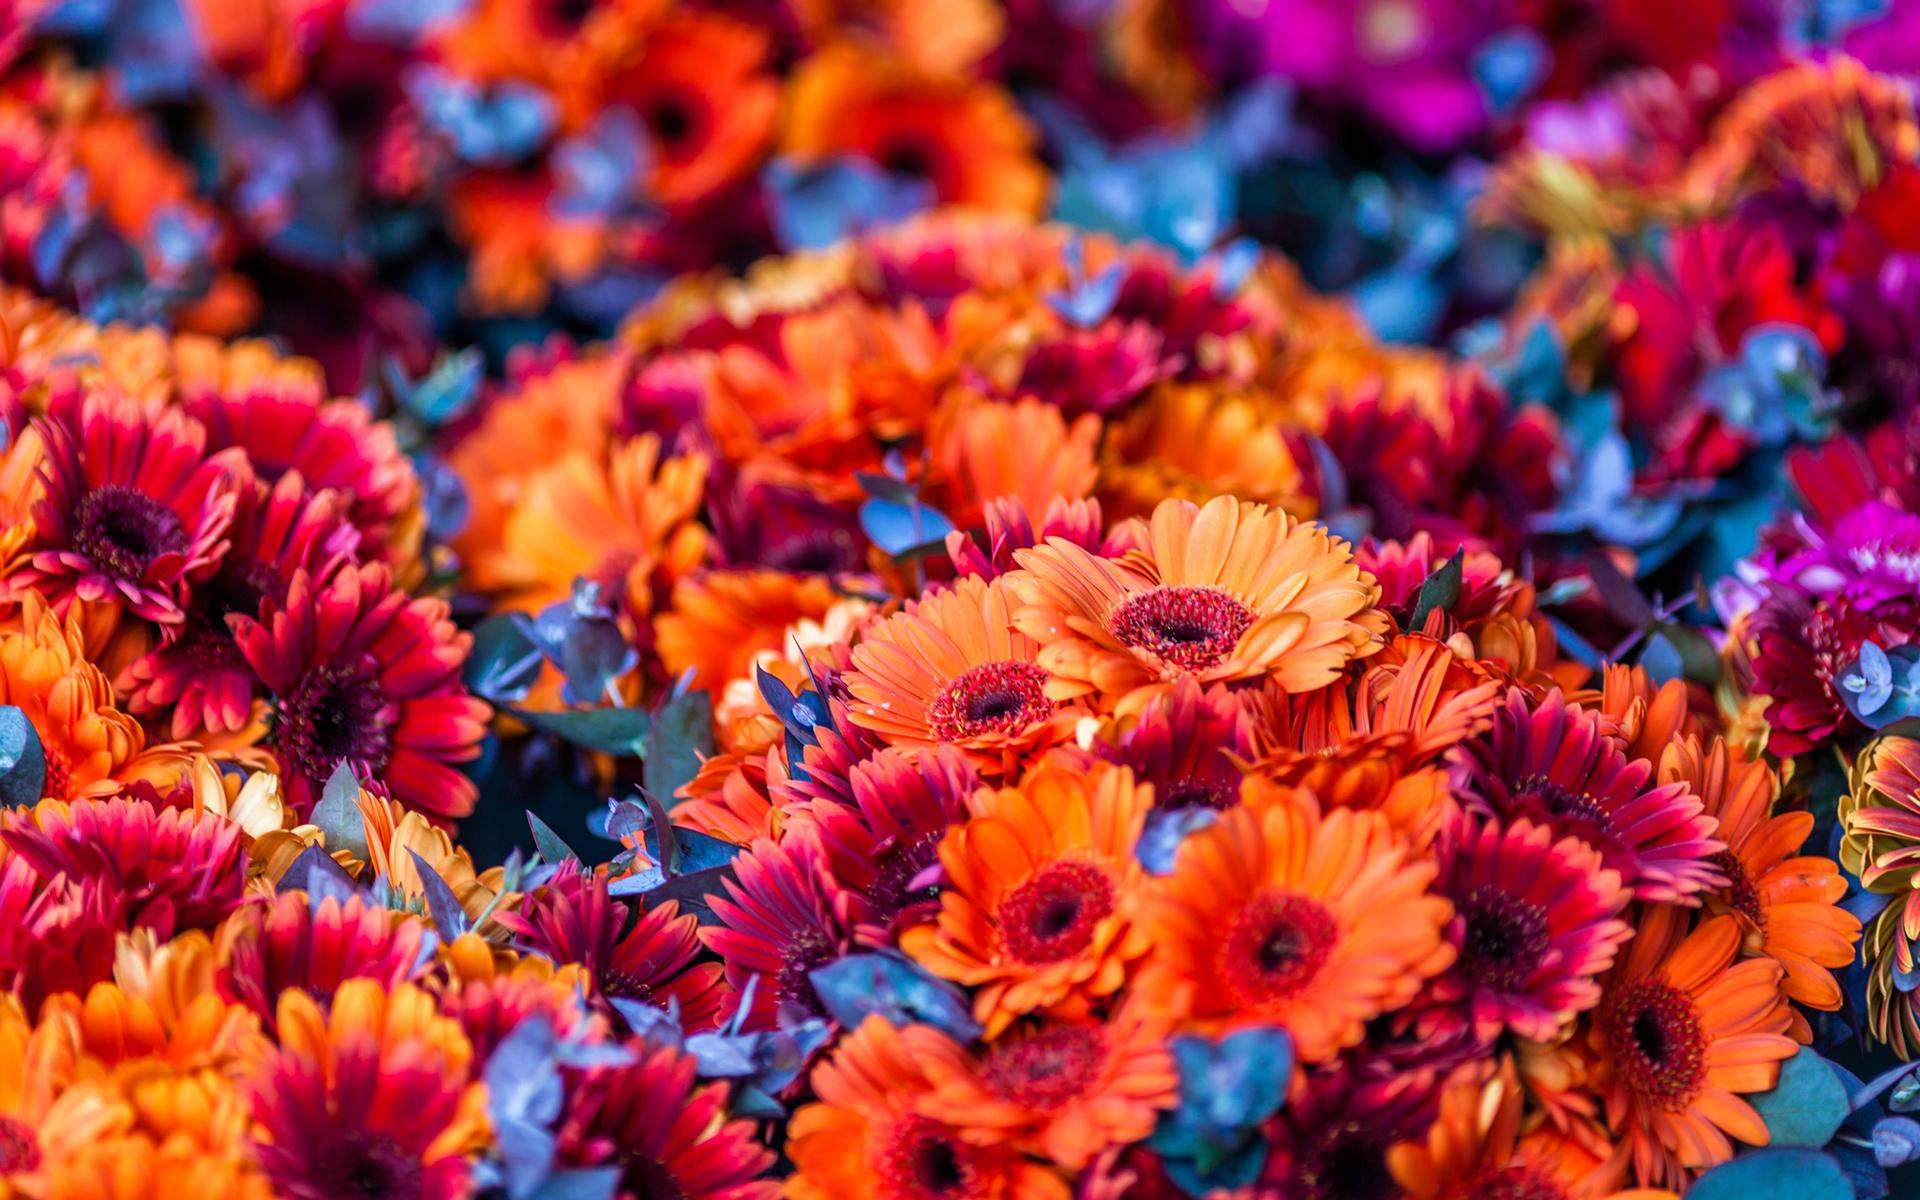 [72+] Colorful Flowers Wallpaper on WallpaperSafari